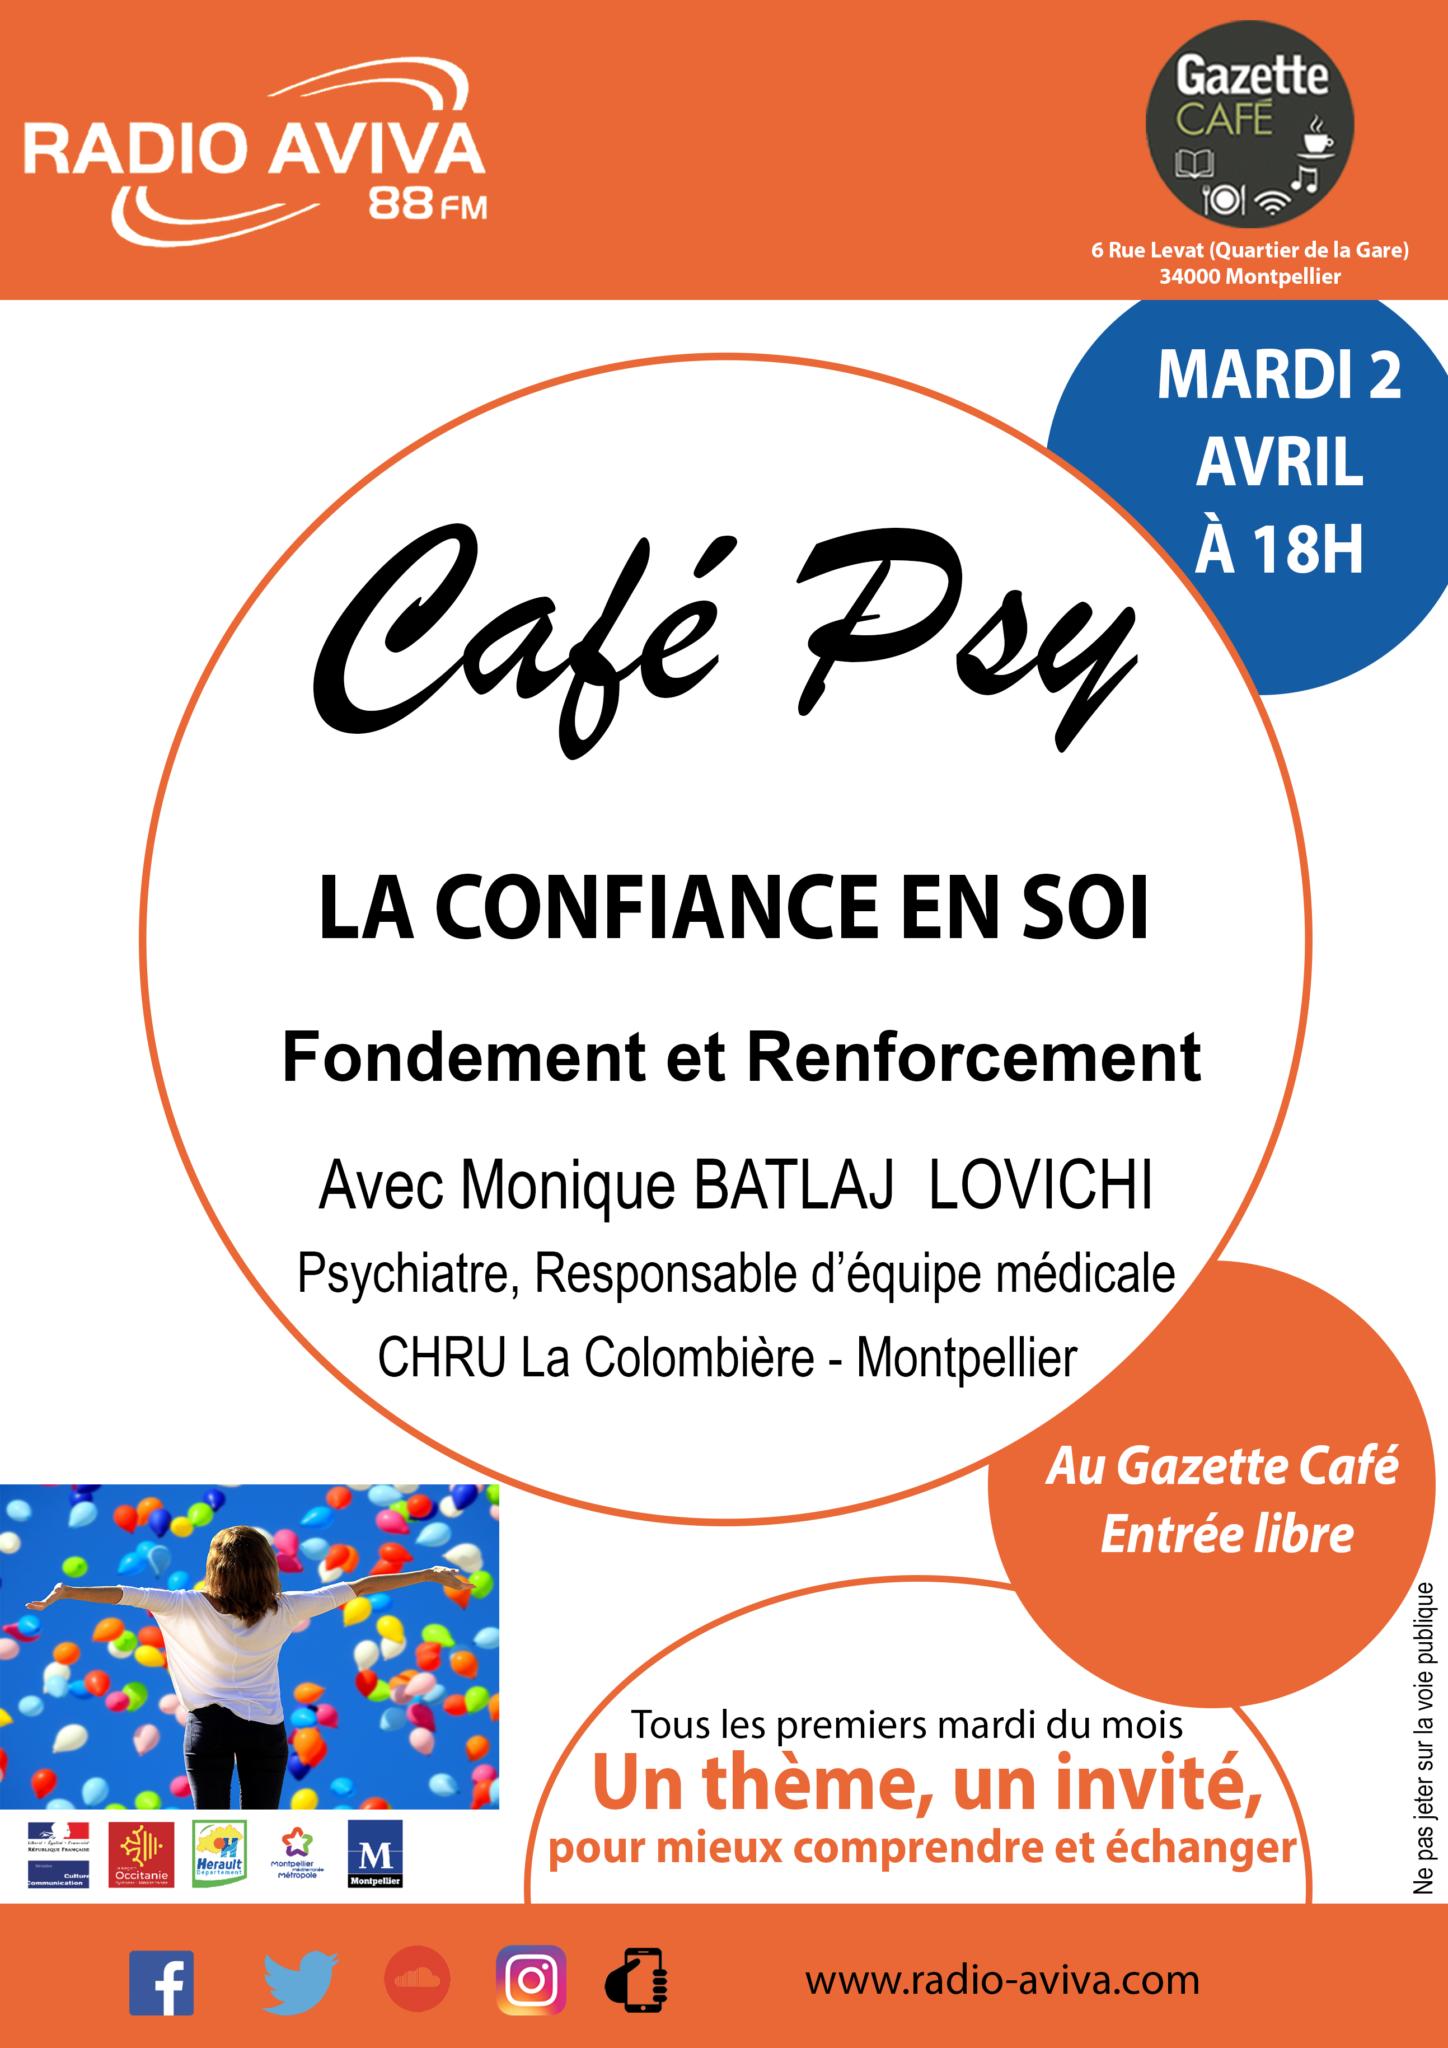 AFFICHE CAFE PSY 2 AVRIL 2019